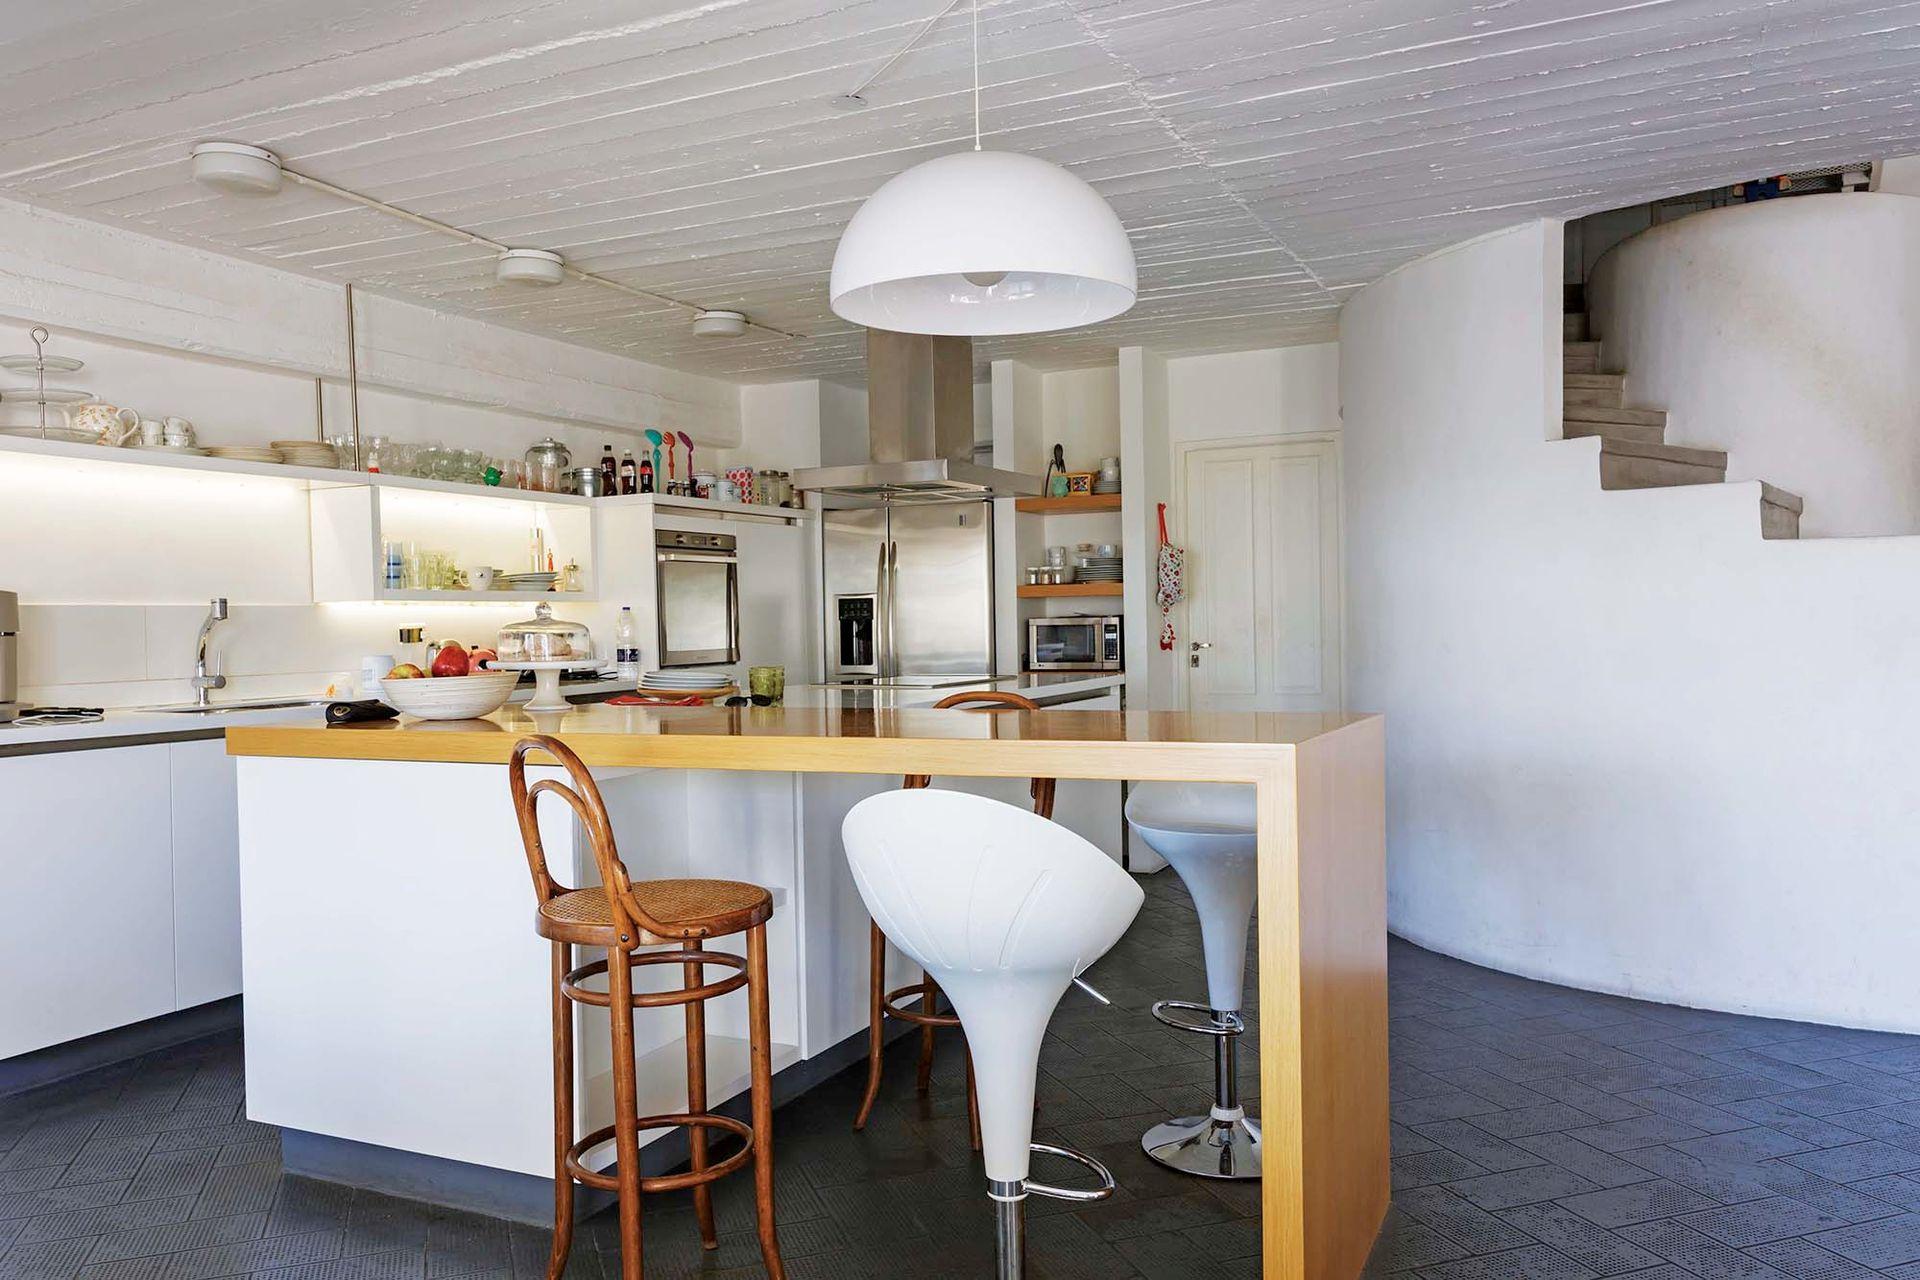 Junto a la barra, mix de banquetas: antiguas de madera con esterilla y modernas 'Candy' en blanco (Falabella).